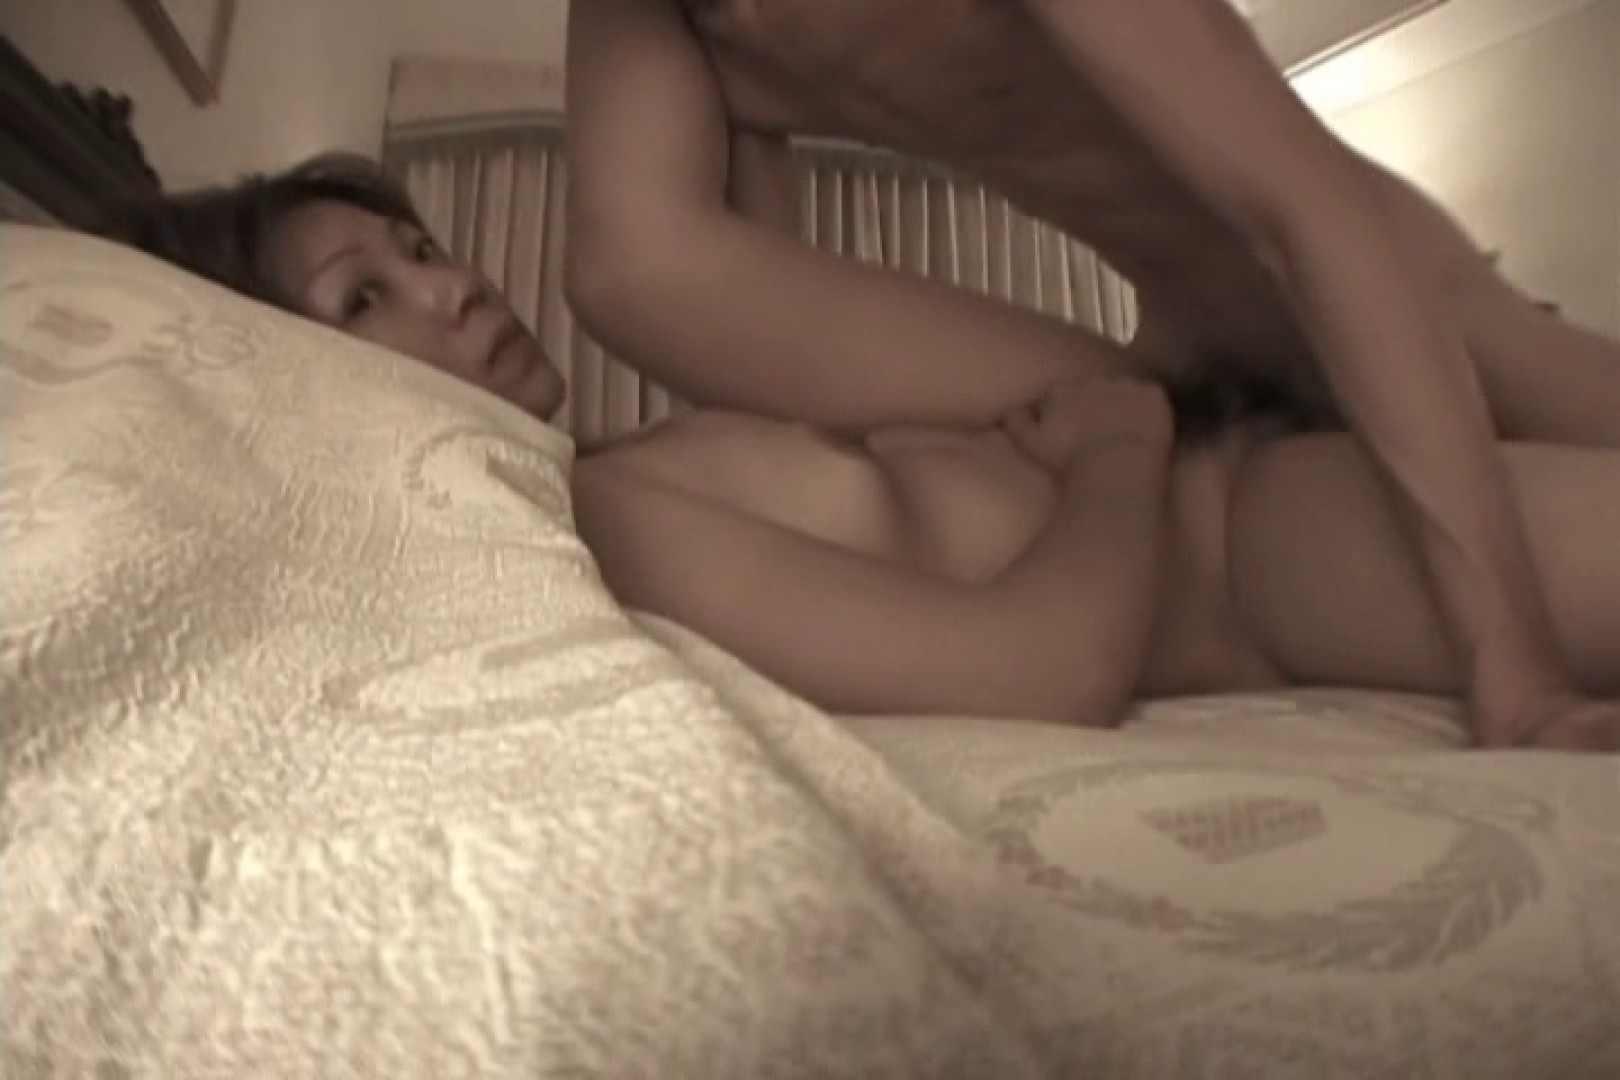 ツンデレ素人嬢もチンポには弱い~増田あけみ~ 熟女  25連発 2